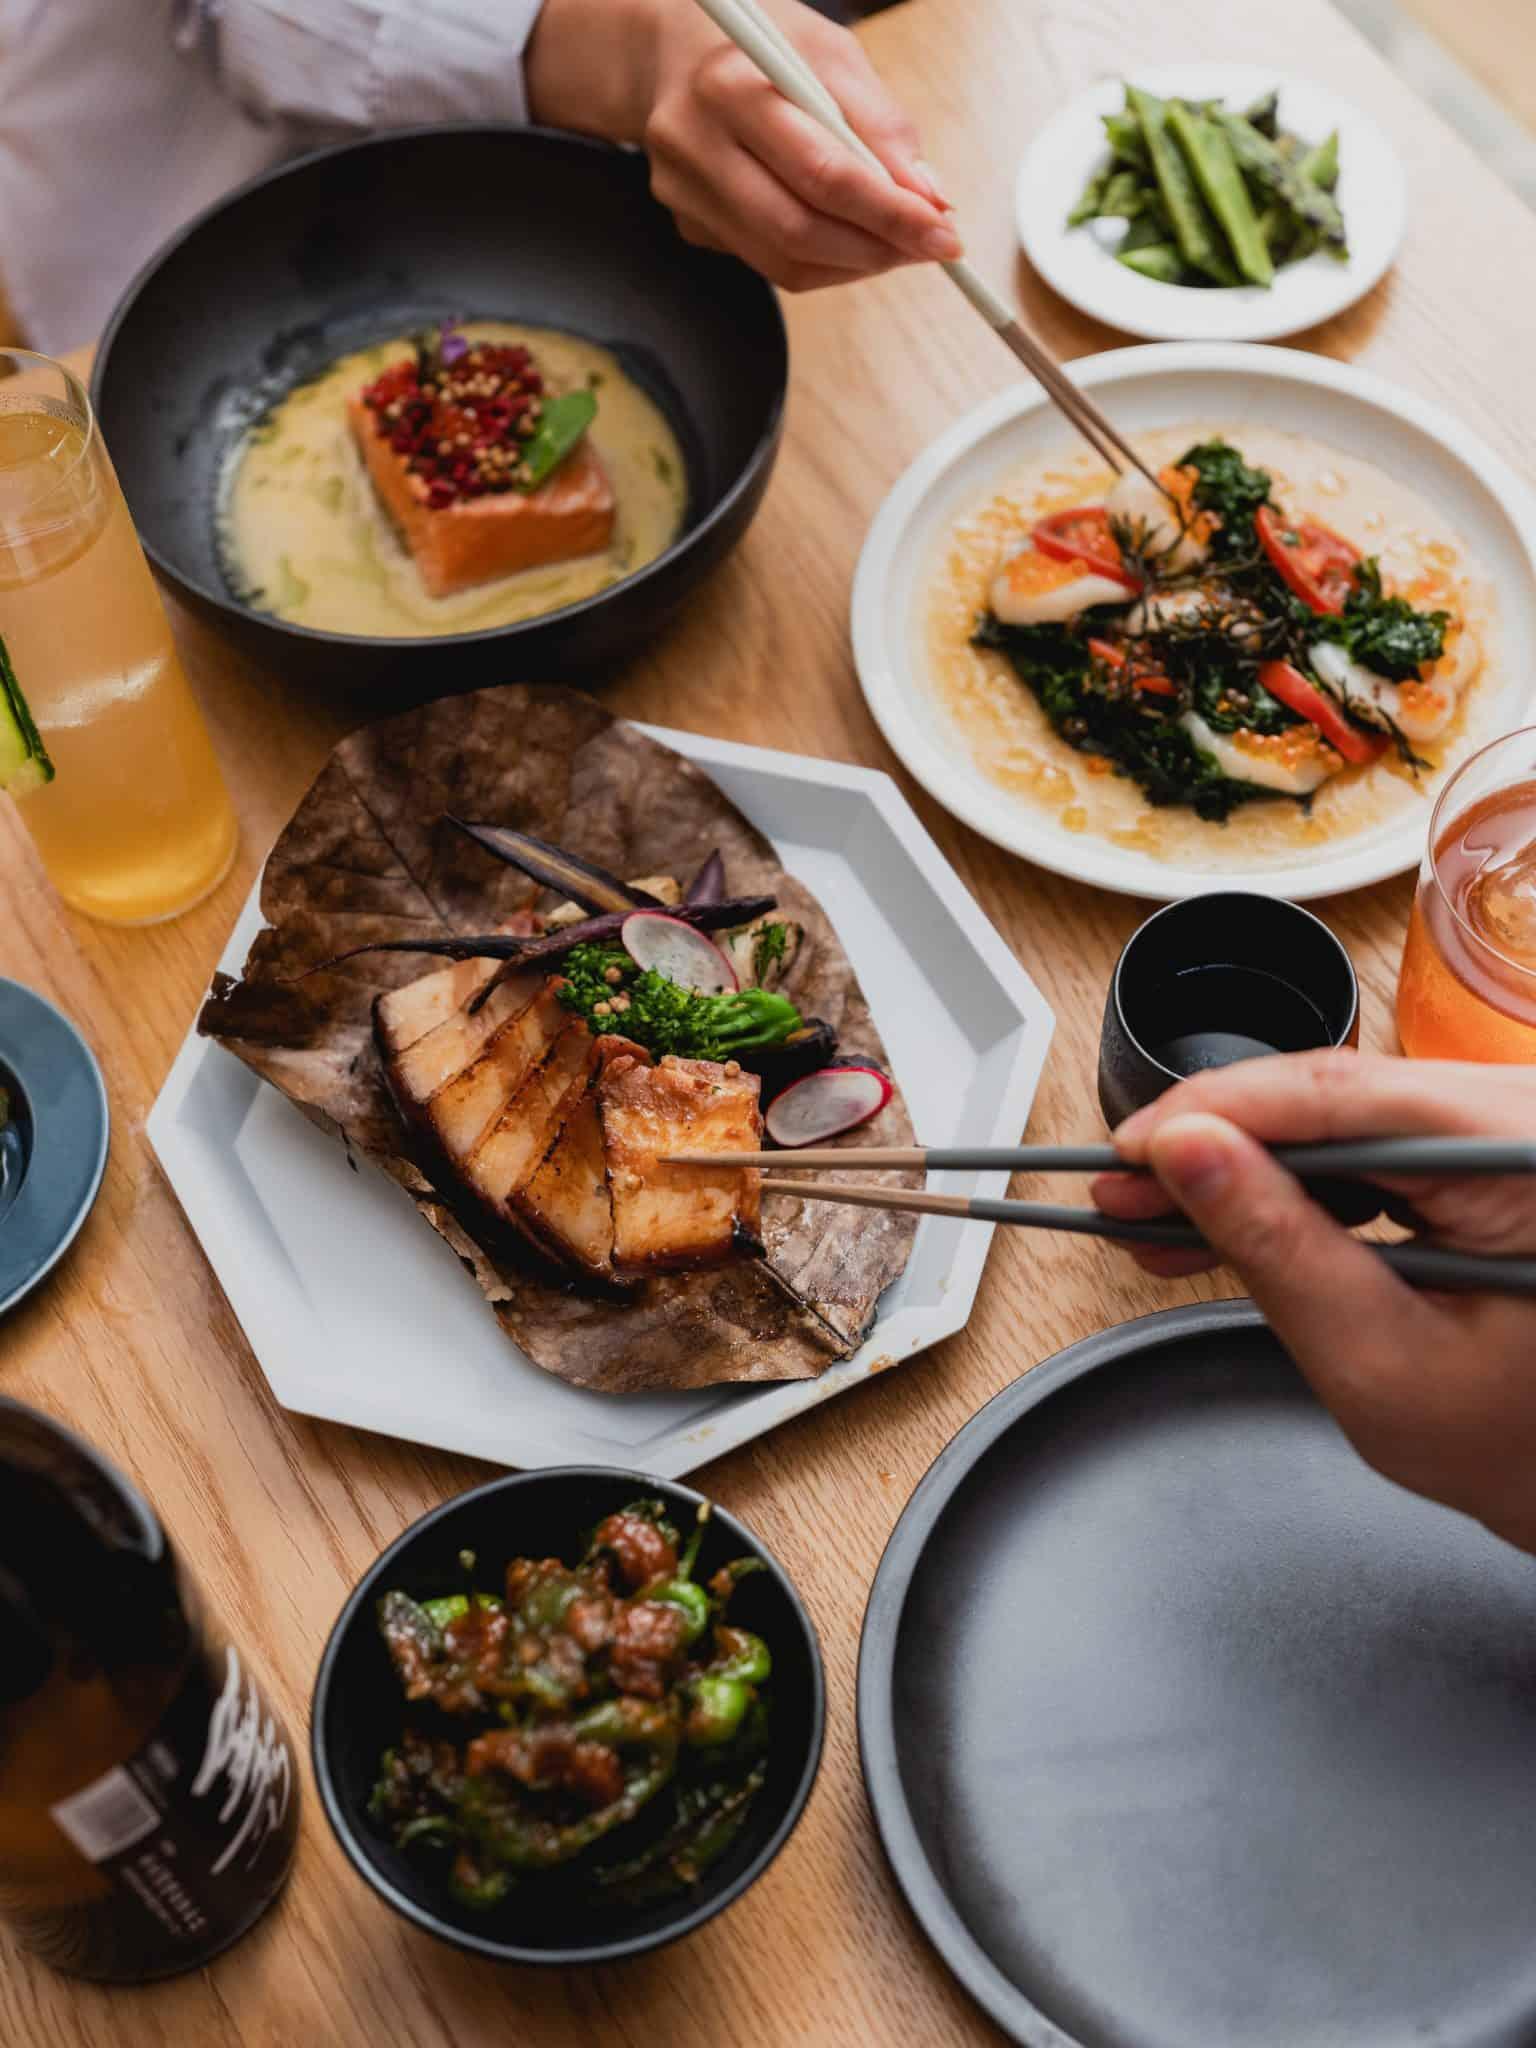 Sachi_At_Pantechnicon_London food portrait